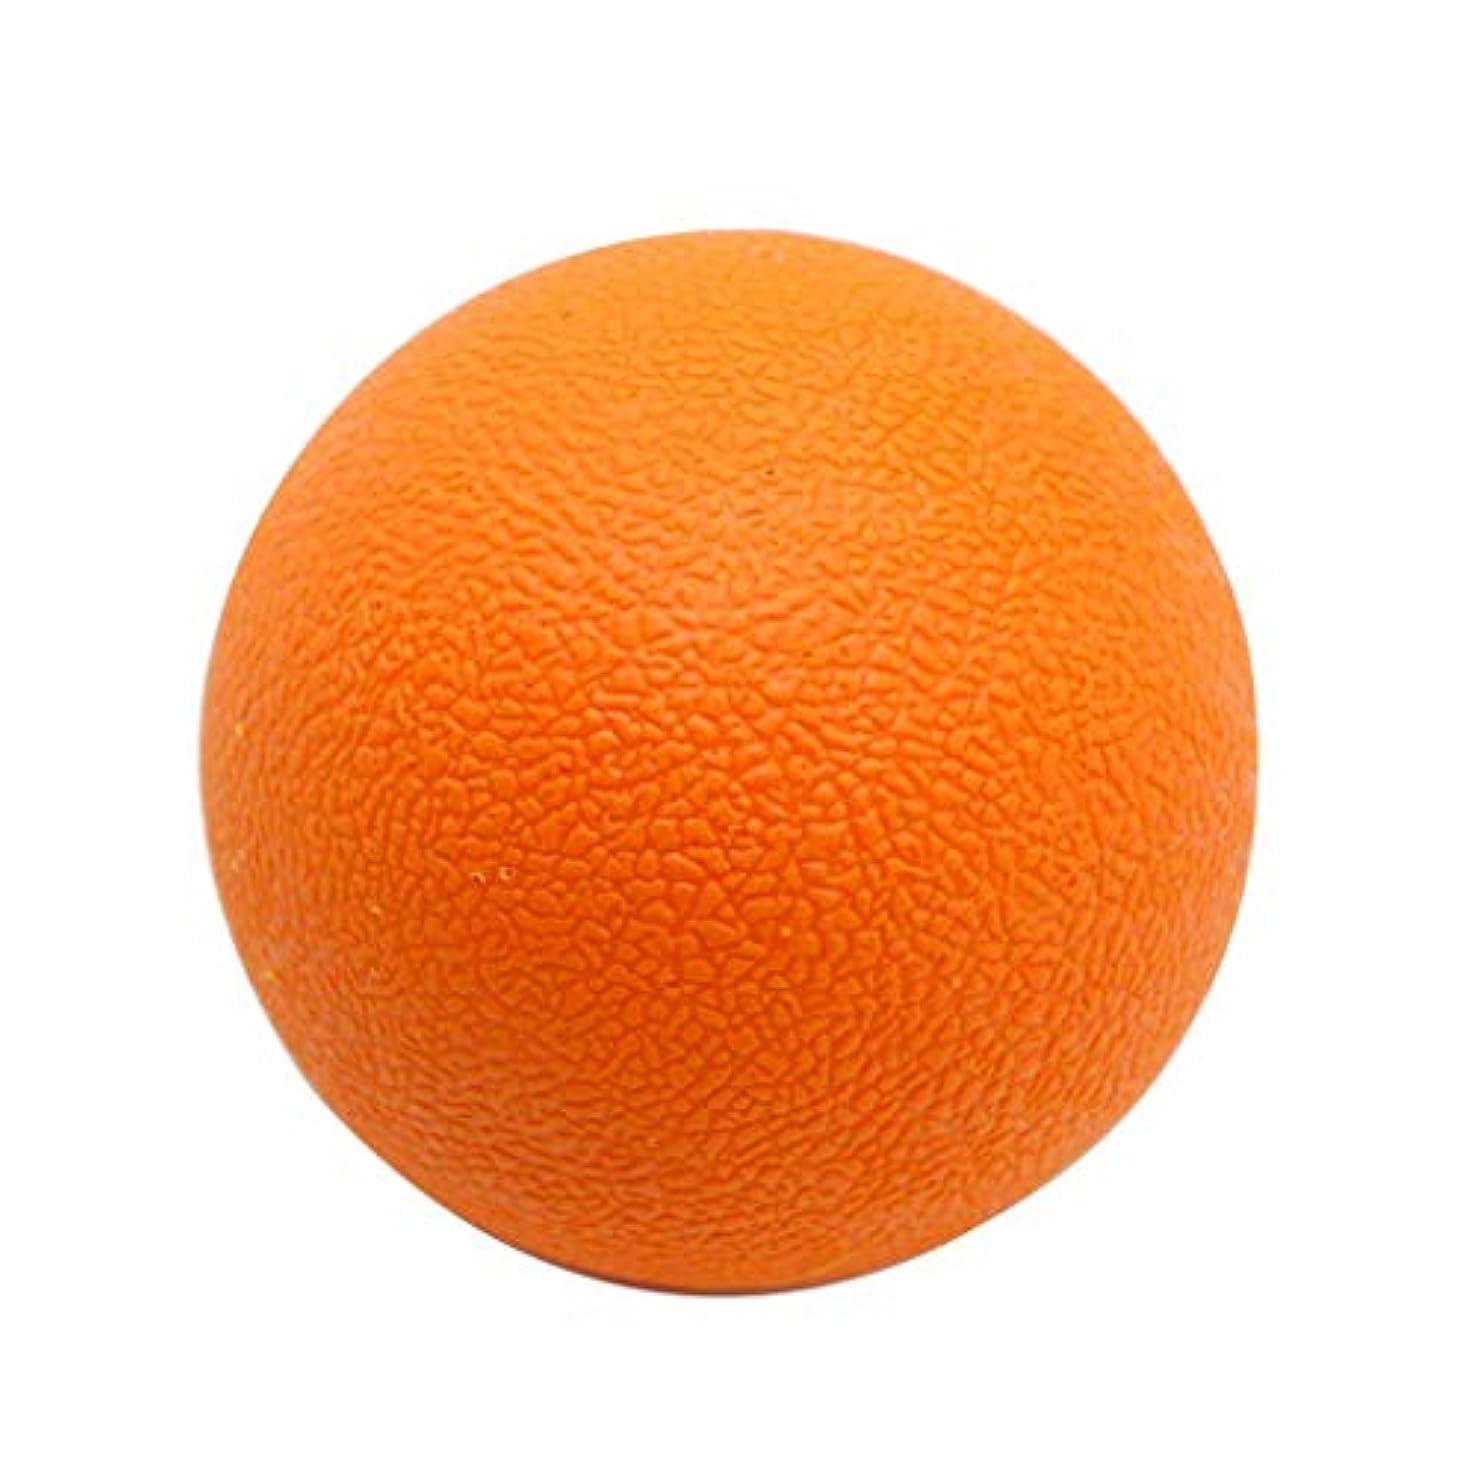 スコア晩ごはん怖いBaoblaze ラクロスボール マッサージボール トリガーポイント 筋膜リリース 背中 首 ツボ押しグッズ オレンジ